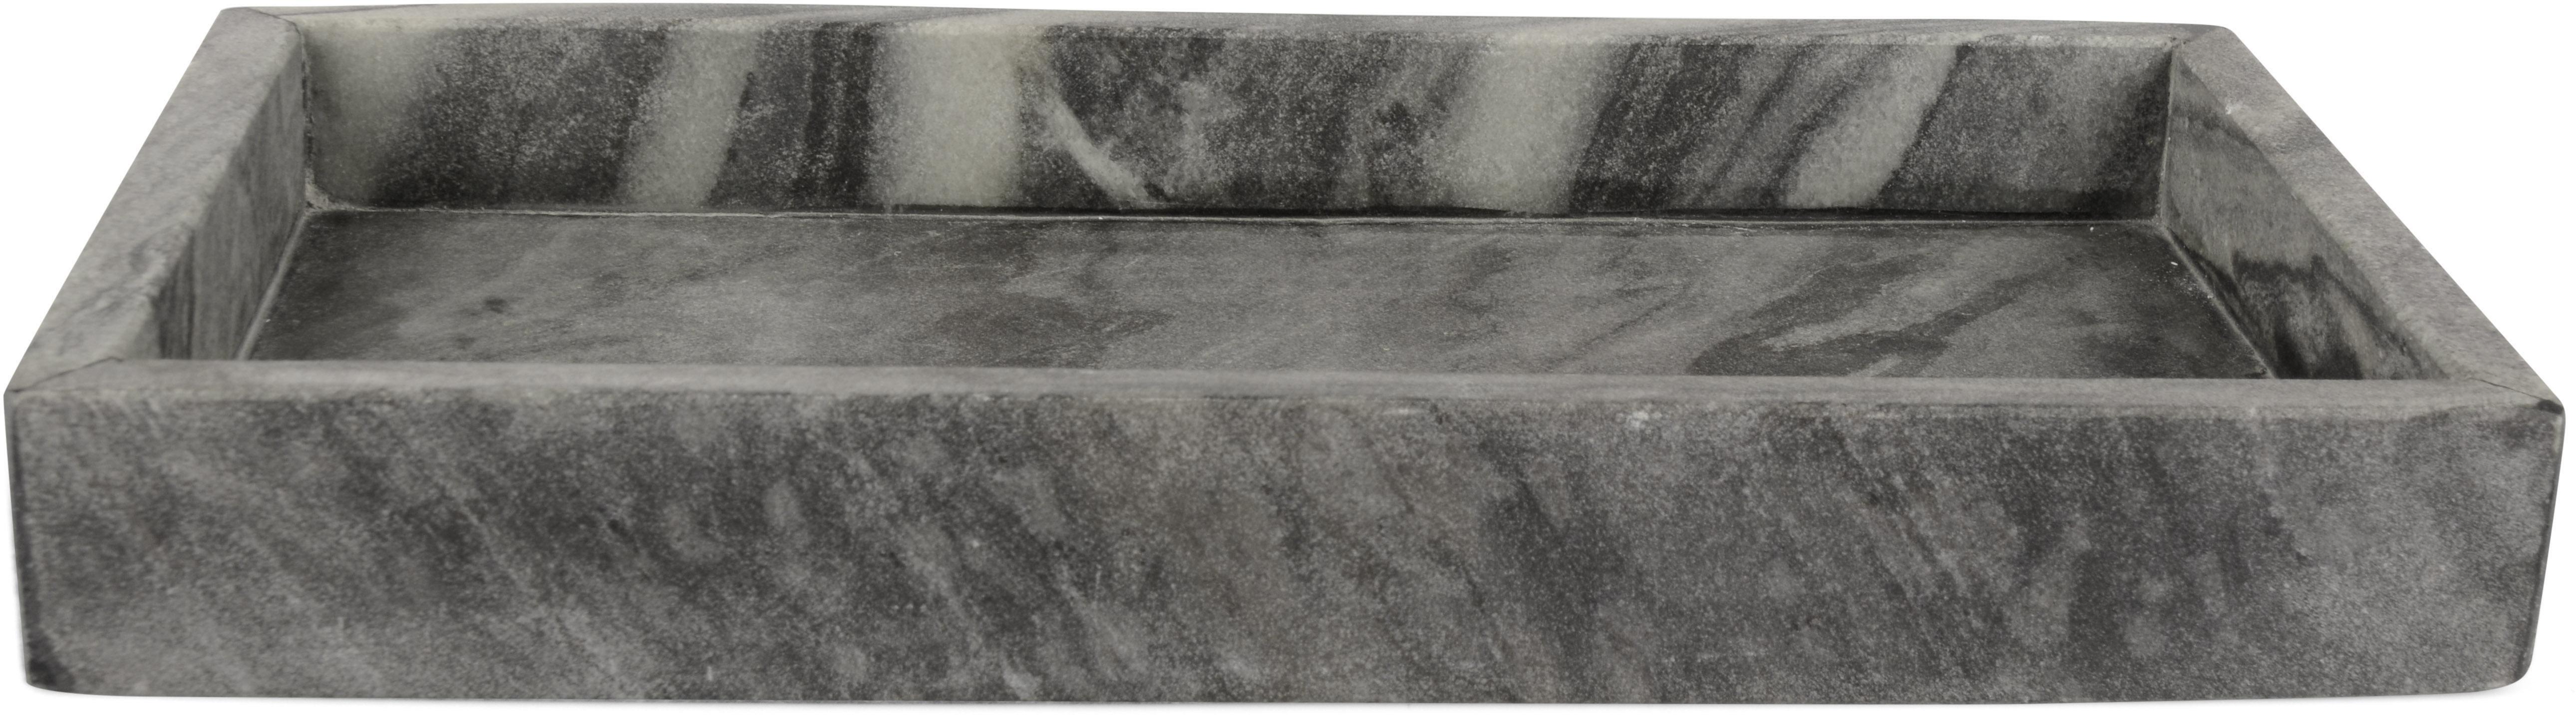 Vassoio decorativo in marmo Mera, Marmo, Grigio marmorizzato, Larg. 30 x Prof. 15 cm